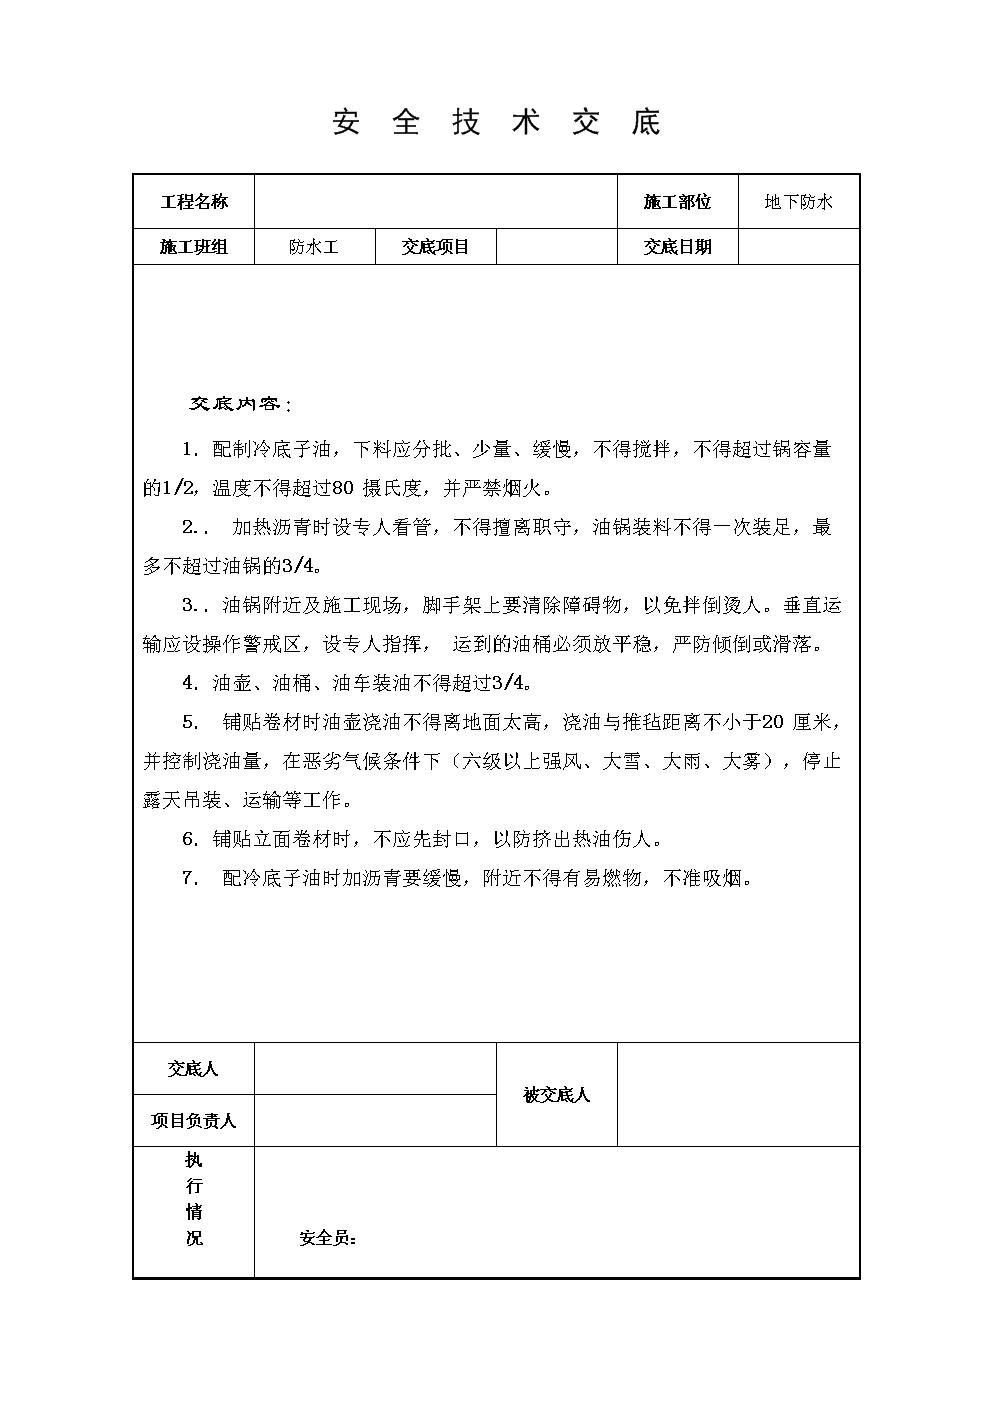 防水工安全交底.doc